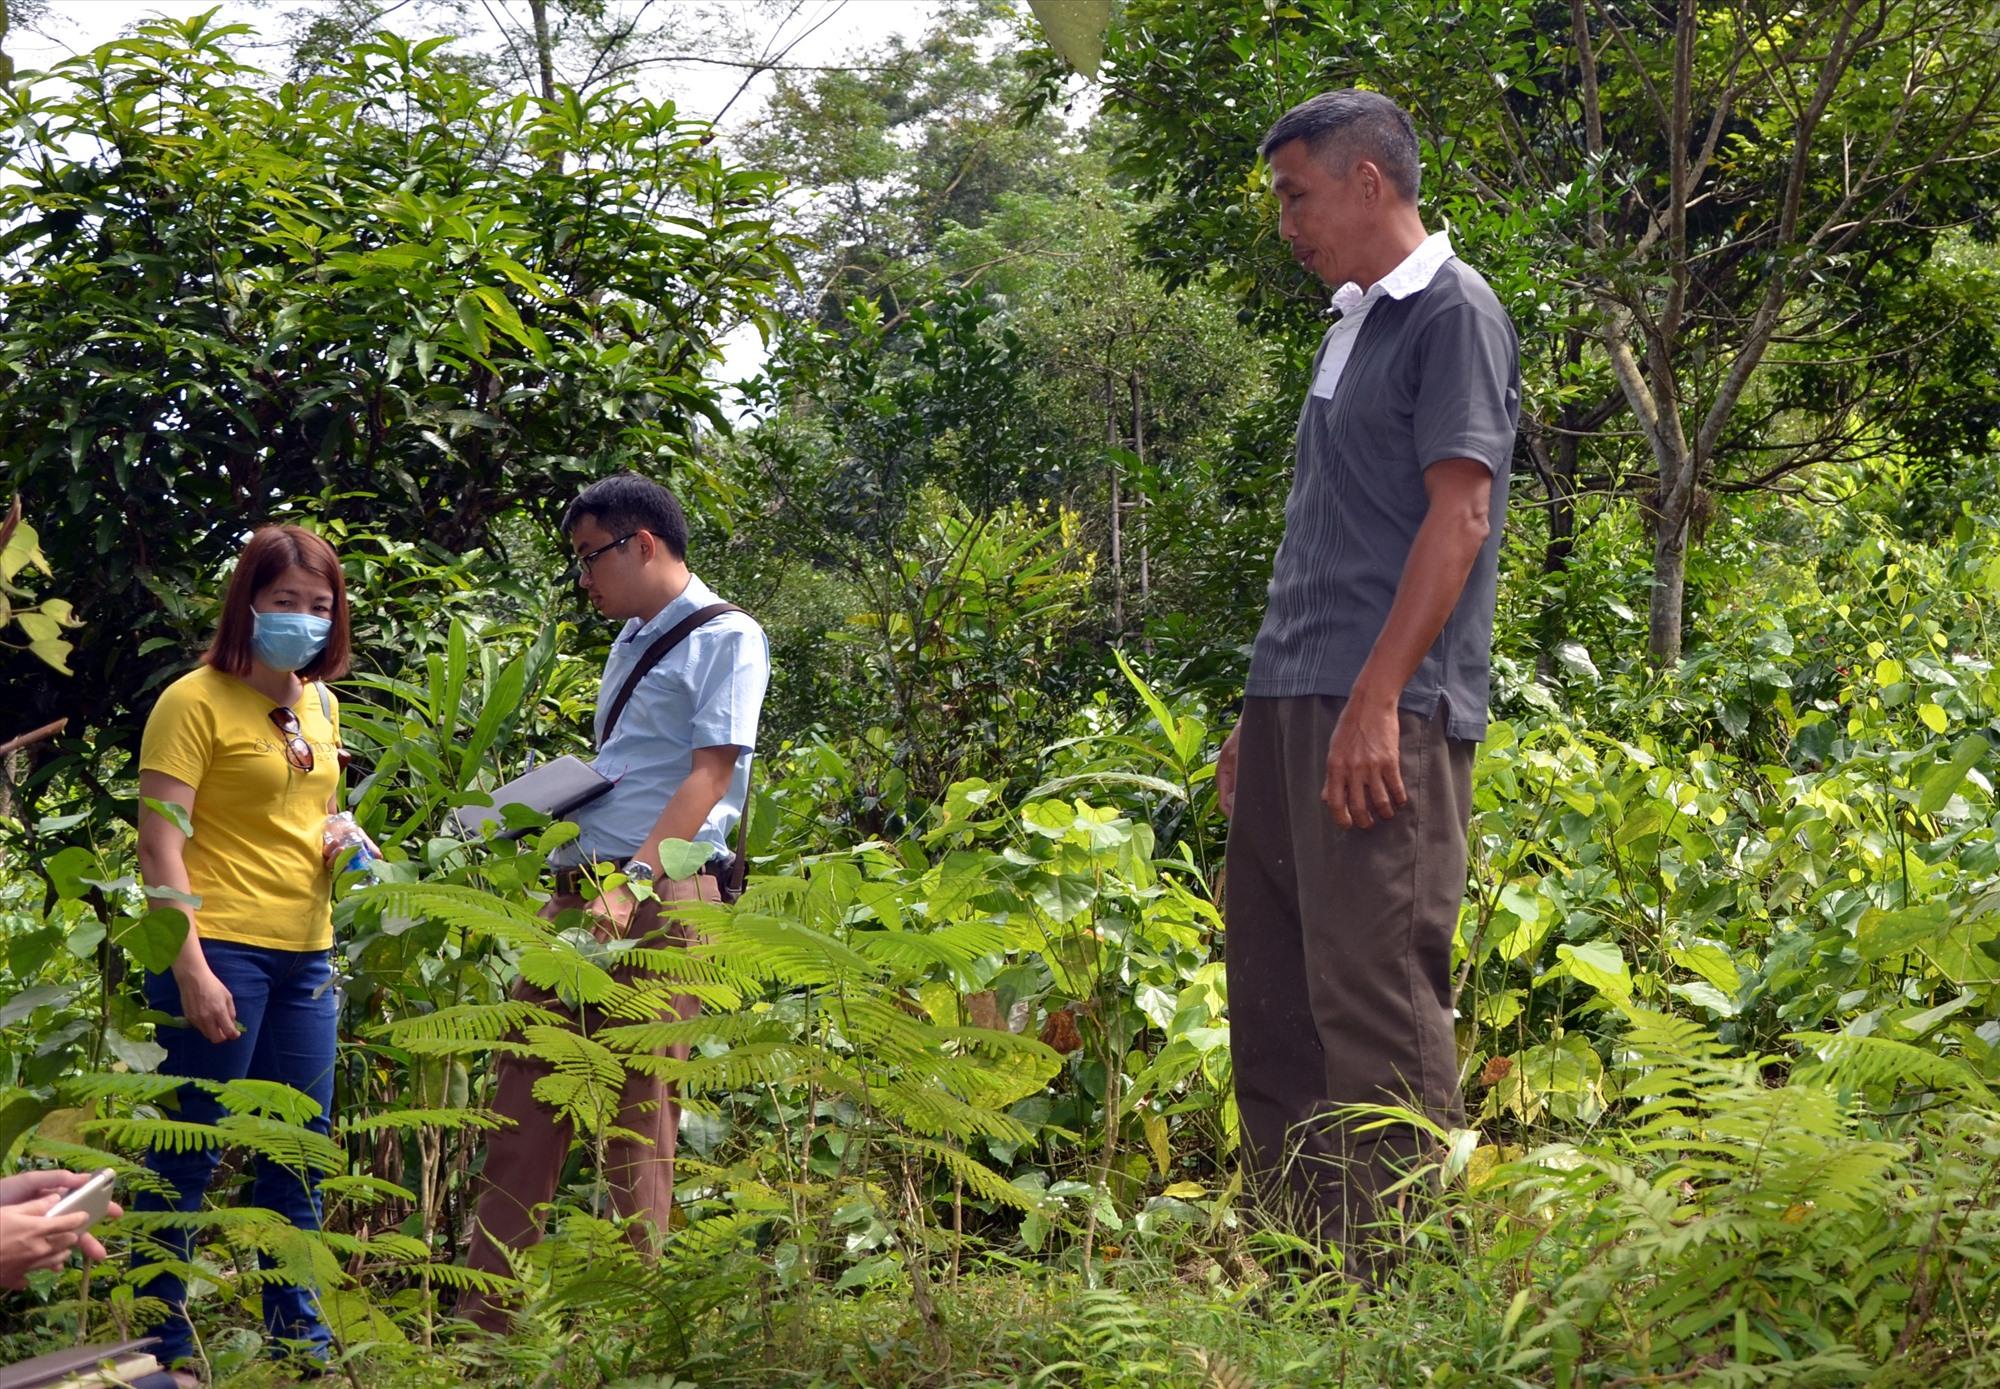 Mô hình trồng cây dược liệu dưới tán rừng đang được các huyện miền núi Quảng Nam quan tâm đầu tư. Ảnh: H.P